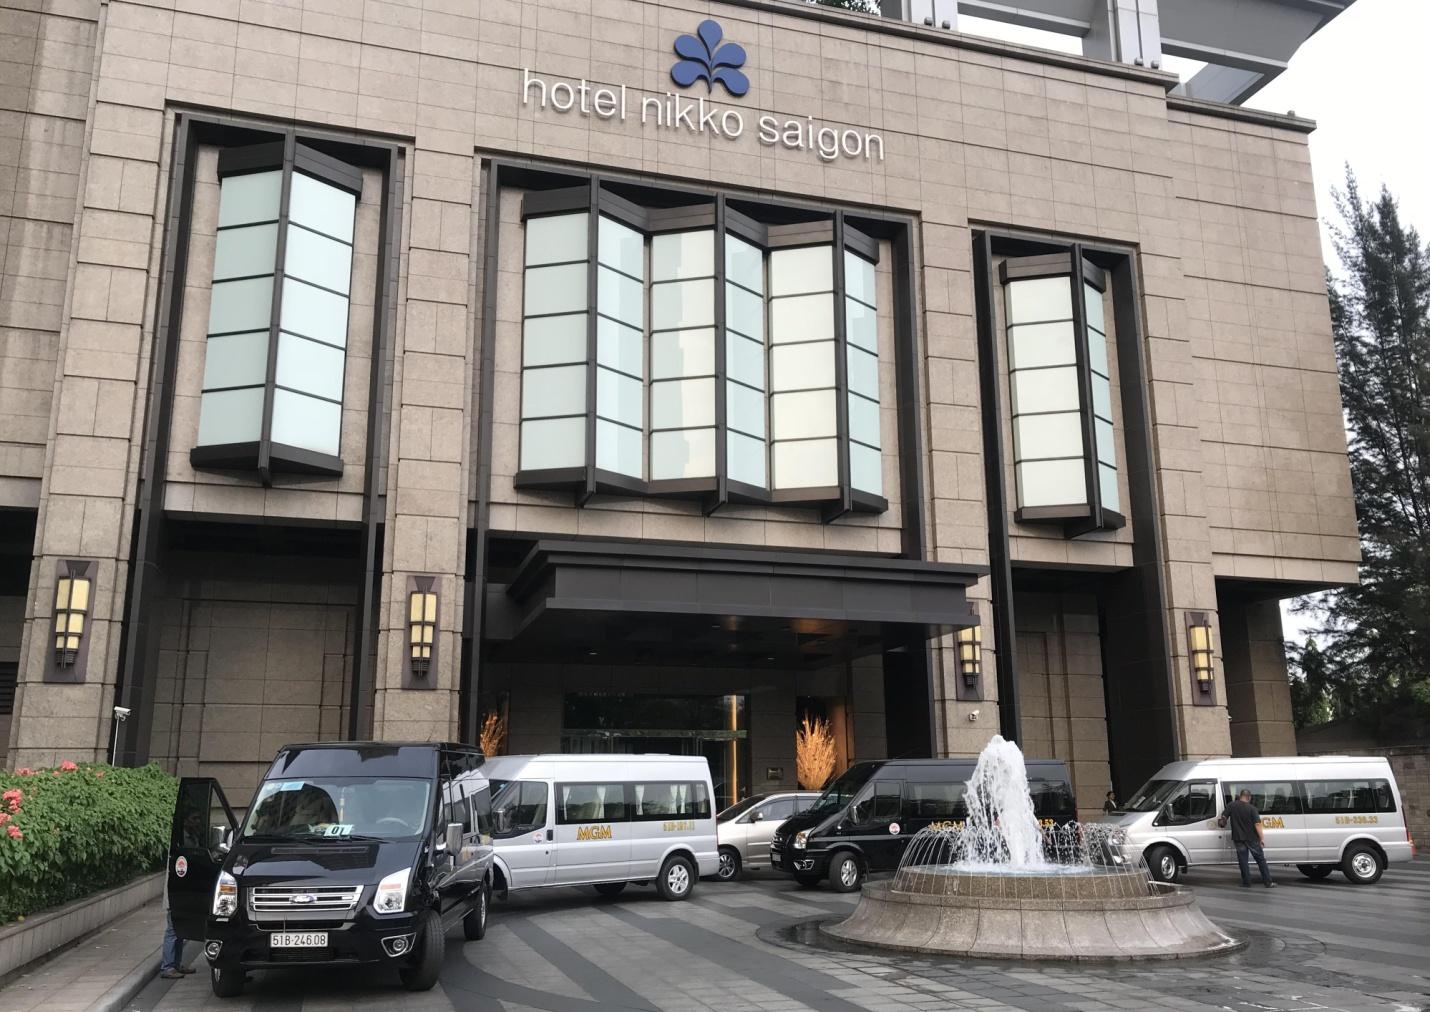 Nhóm xe 16 chỗ đang phục vụ đoàn Khách Nhật tại Khách sạn Nikko 5 sao